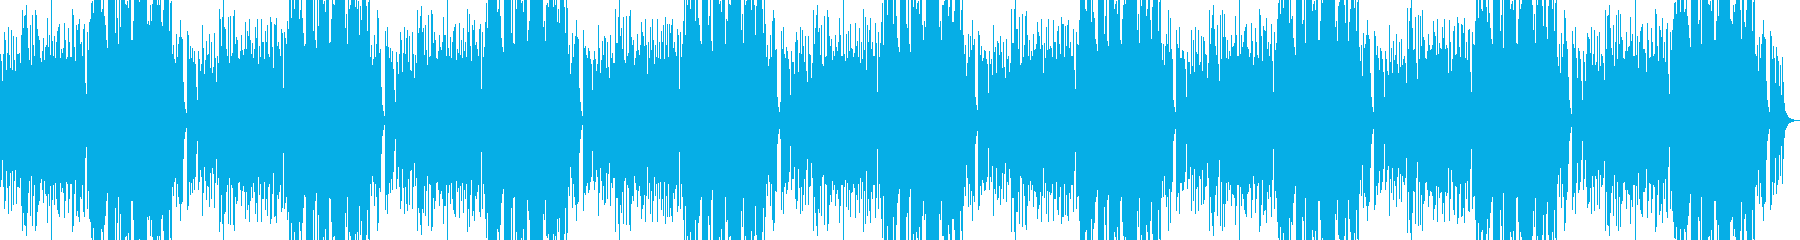 企業VP13 16分16bit48kHzの再生済みの波形